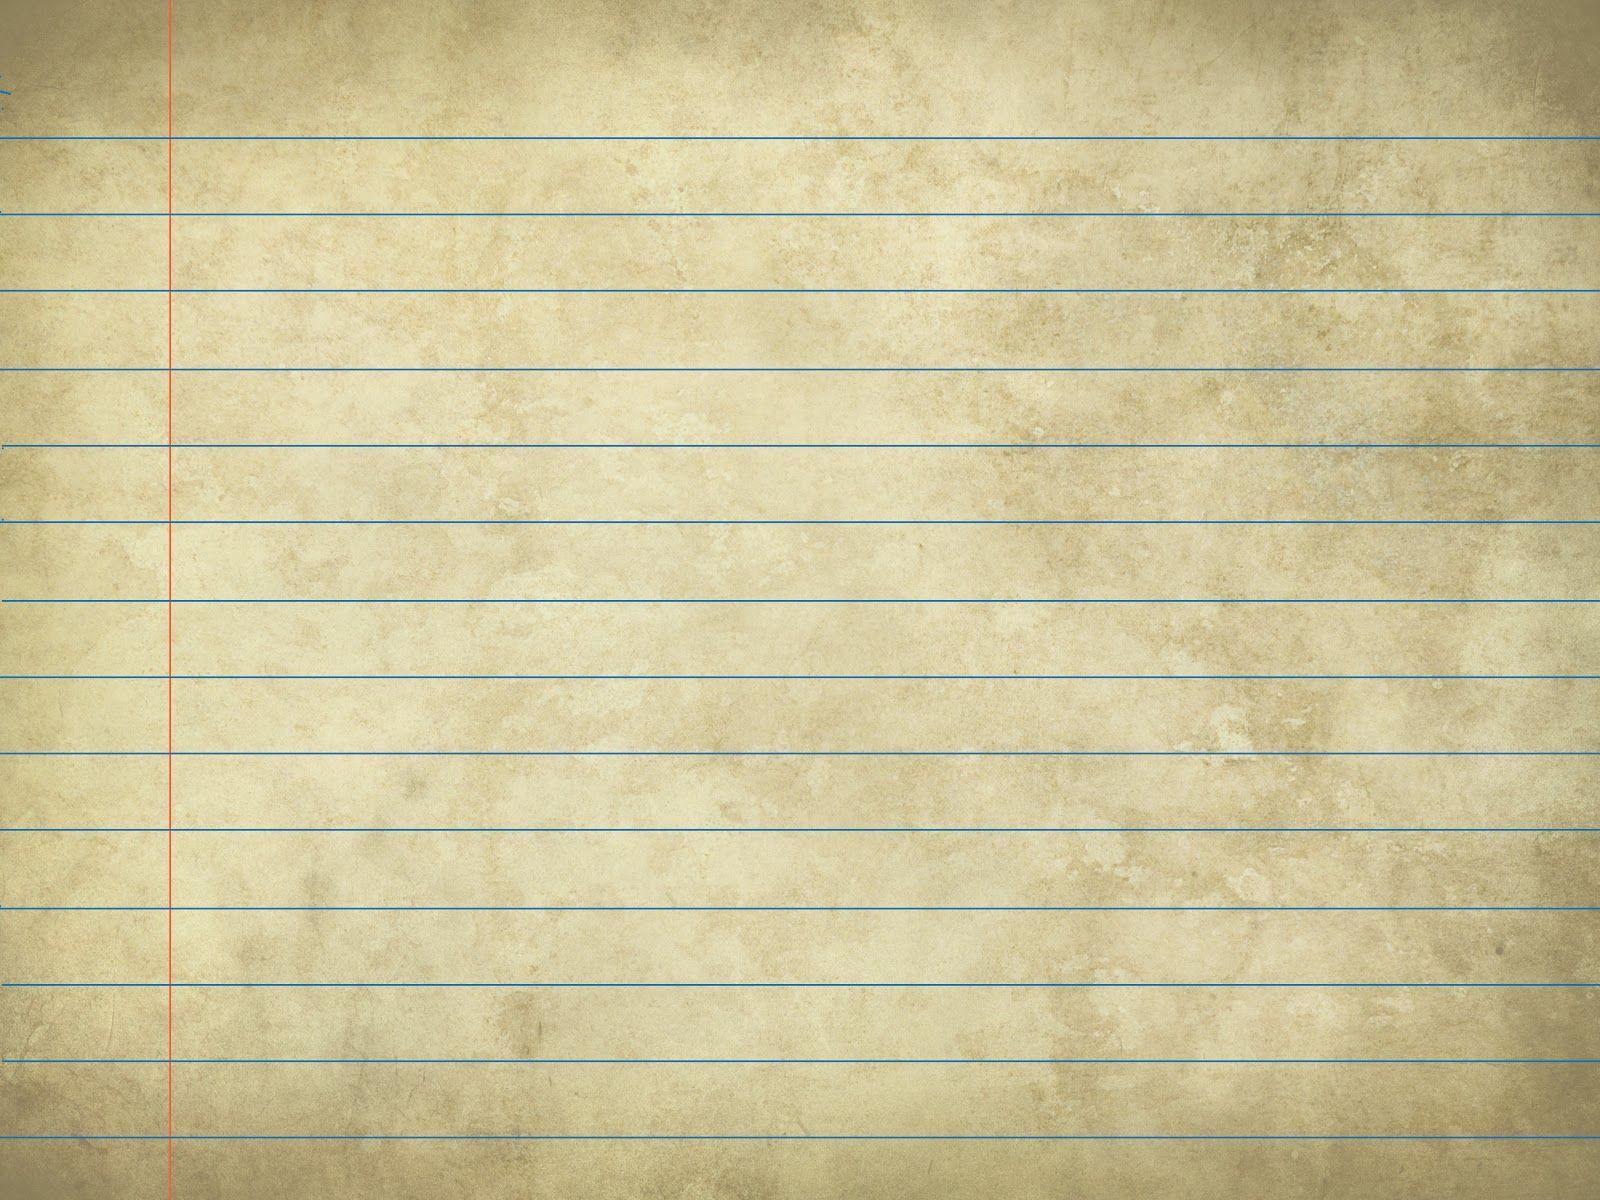 papieren avonturen: vintage lijntjespapier (freebie)vintage lined